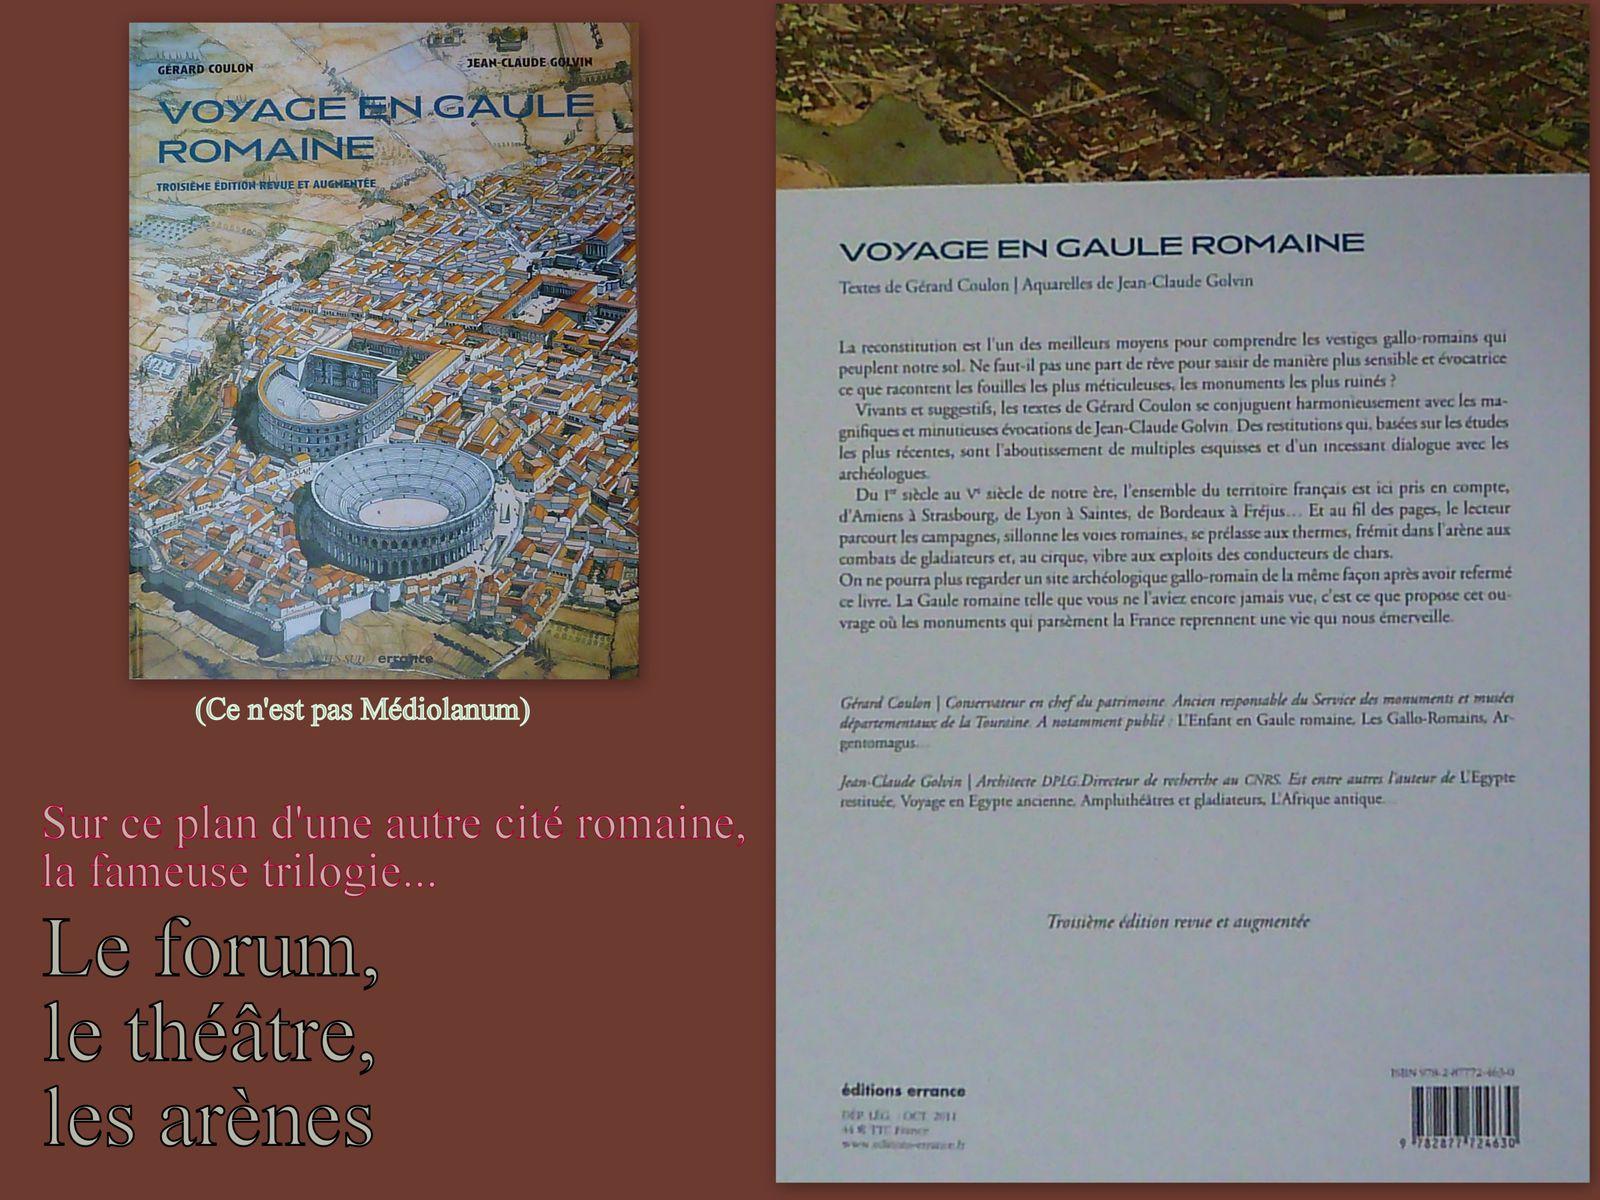 23 - Médiolanum Santonum.. Vue du ciel, une aquarelle de Jean-Claude Golvin et son livre